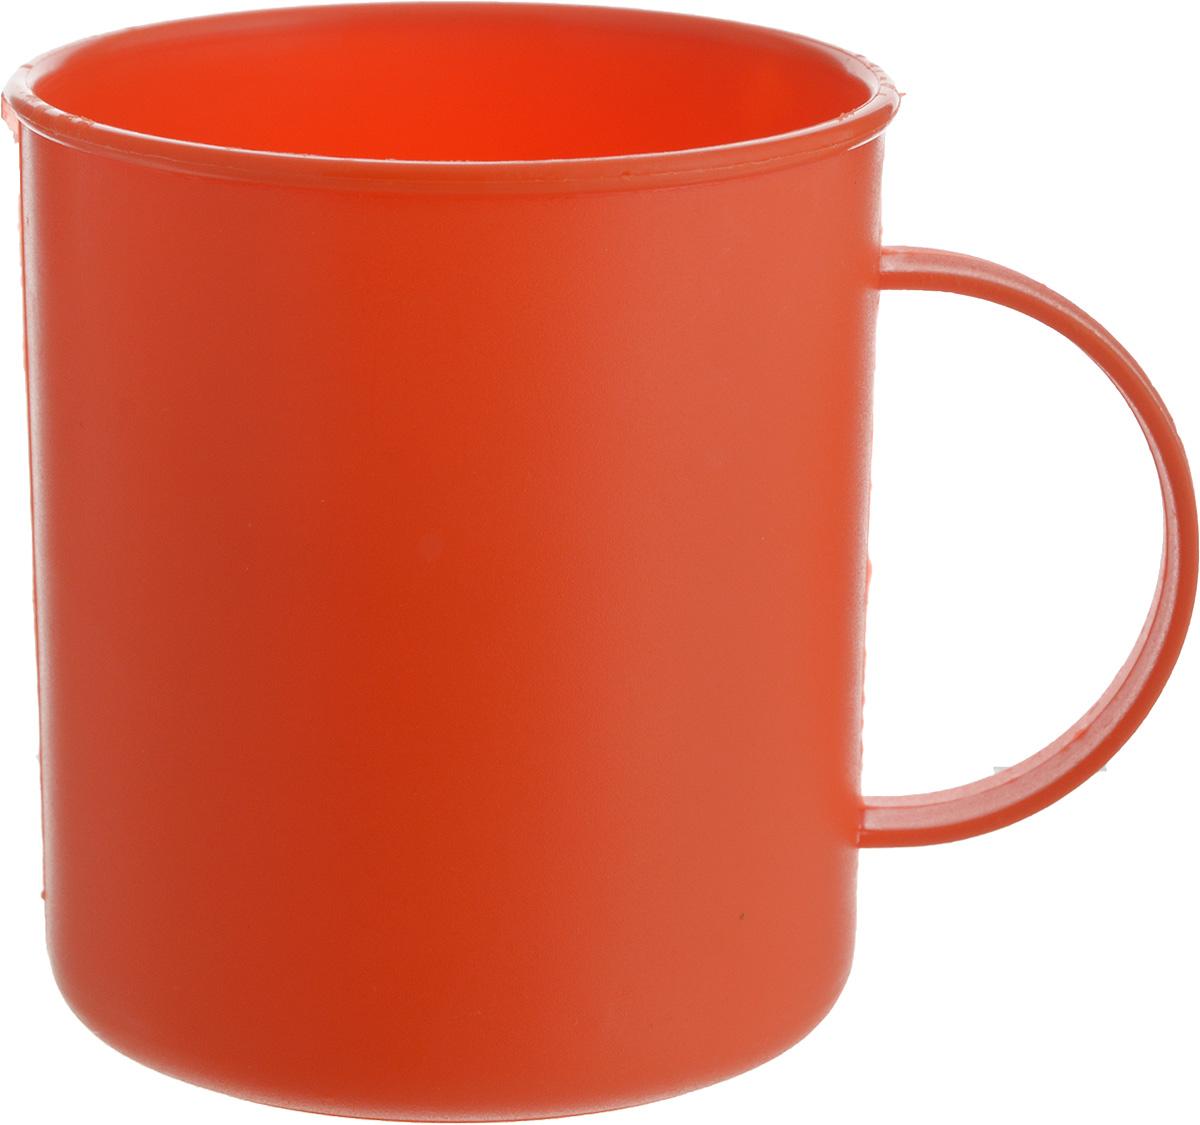 Кружка Gotoff, цвет: оранжевый, 300 млWTC-121_оранжевыйКружка Gotoff выполнена из прочного пищевого полипропилена. Изделие отлично подойдет как для холодных, так и для горячих напитков. Его удобно использовать дома или на даче, брать с собой на пикники и в поездки. Отличный вариант для детских праздников. Такая кружка не разобьется и будет служить вам долгое время. Диаметр кружки (по верхнему краю): 7,5 см.Высота кружки: 8,5 см.